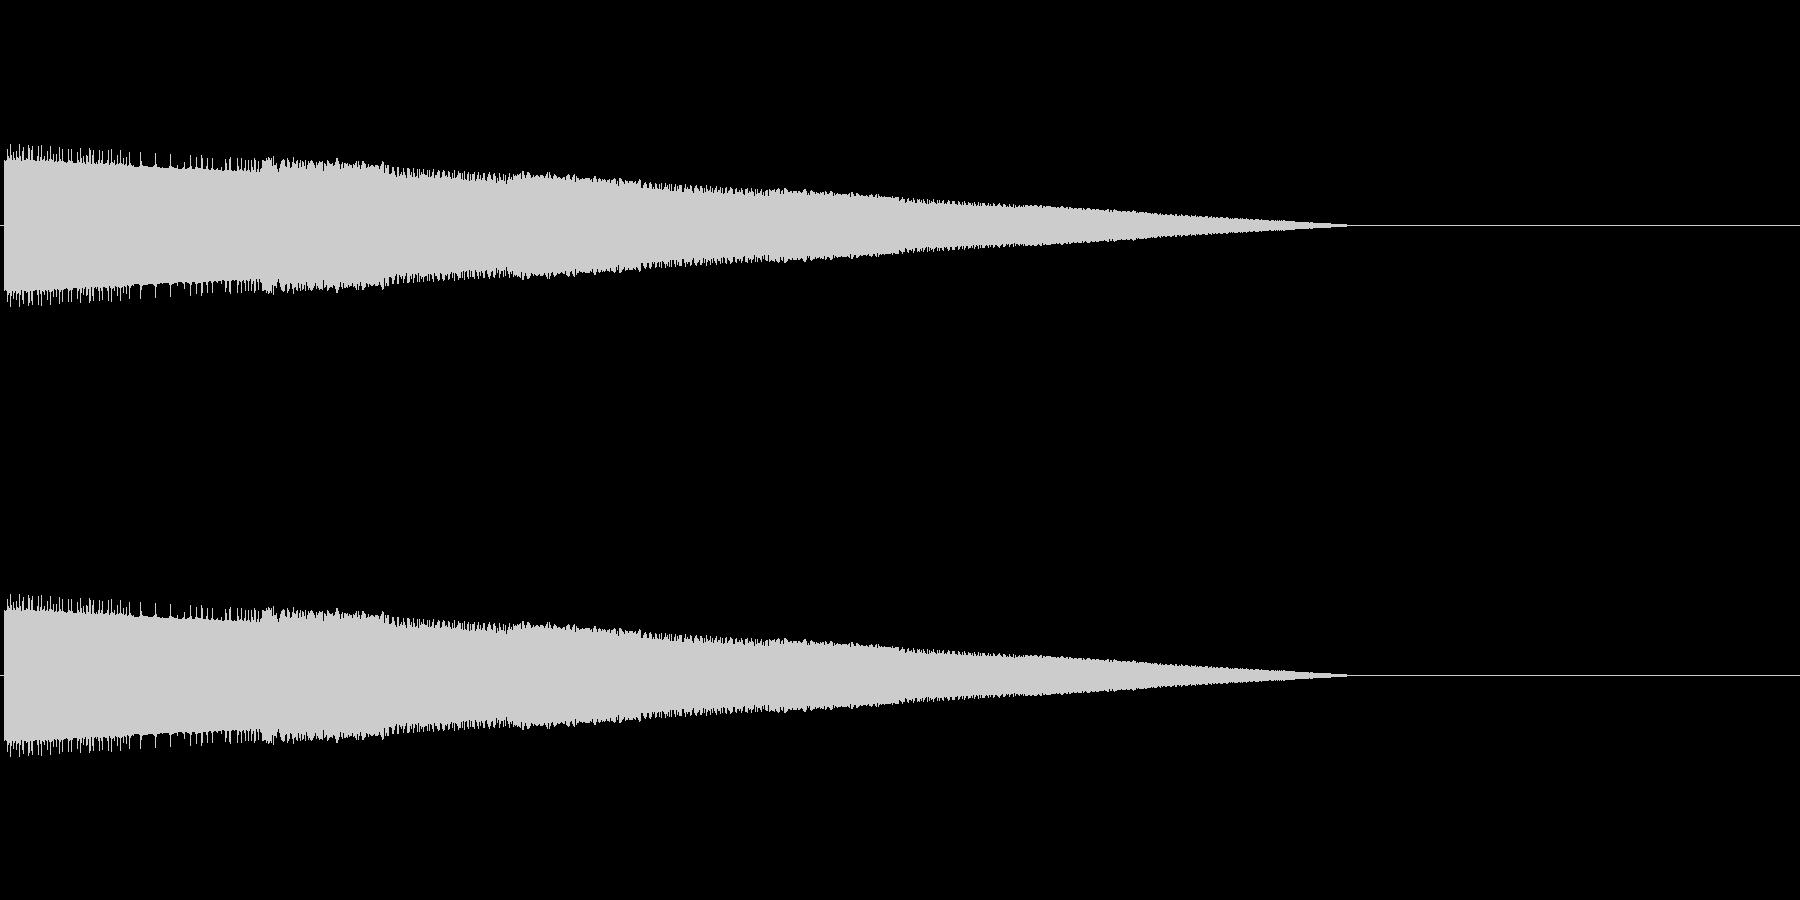 レトロゲーム風ヒット音2の未再生の波形